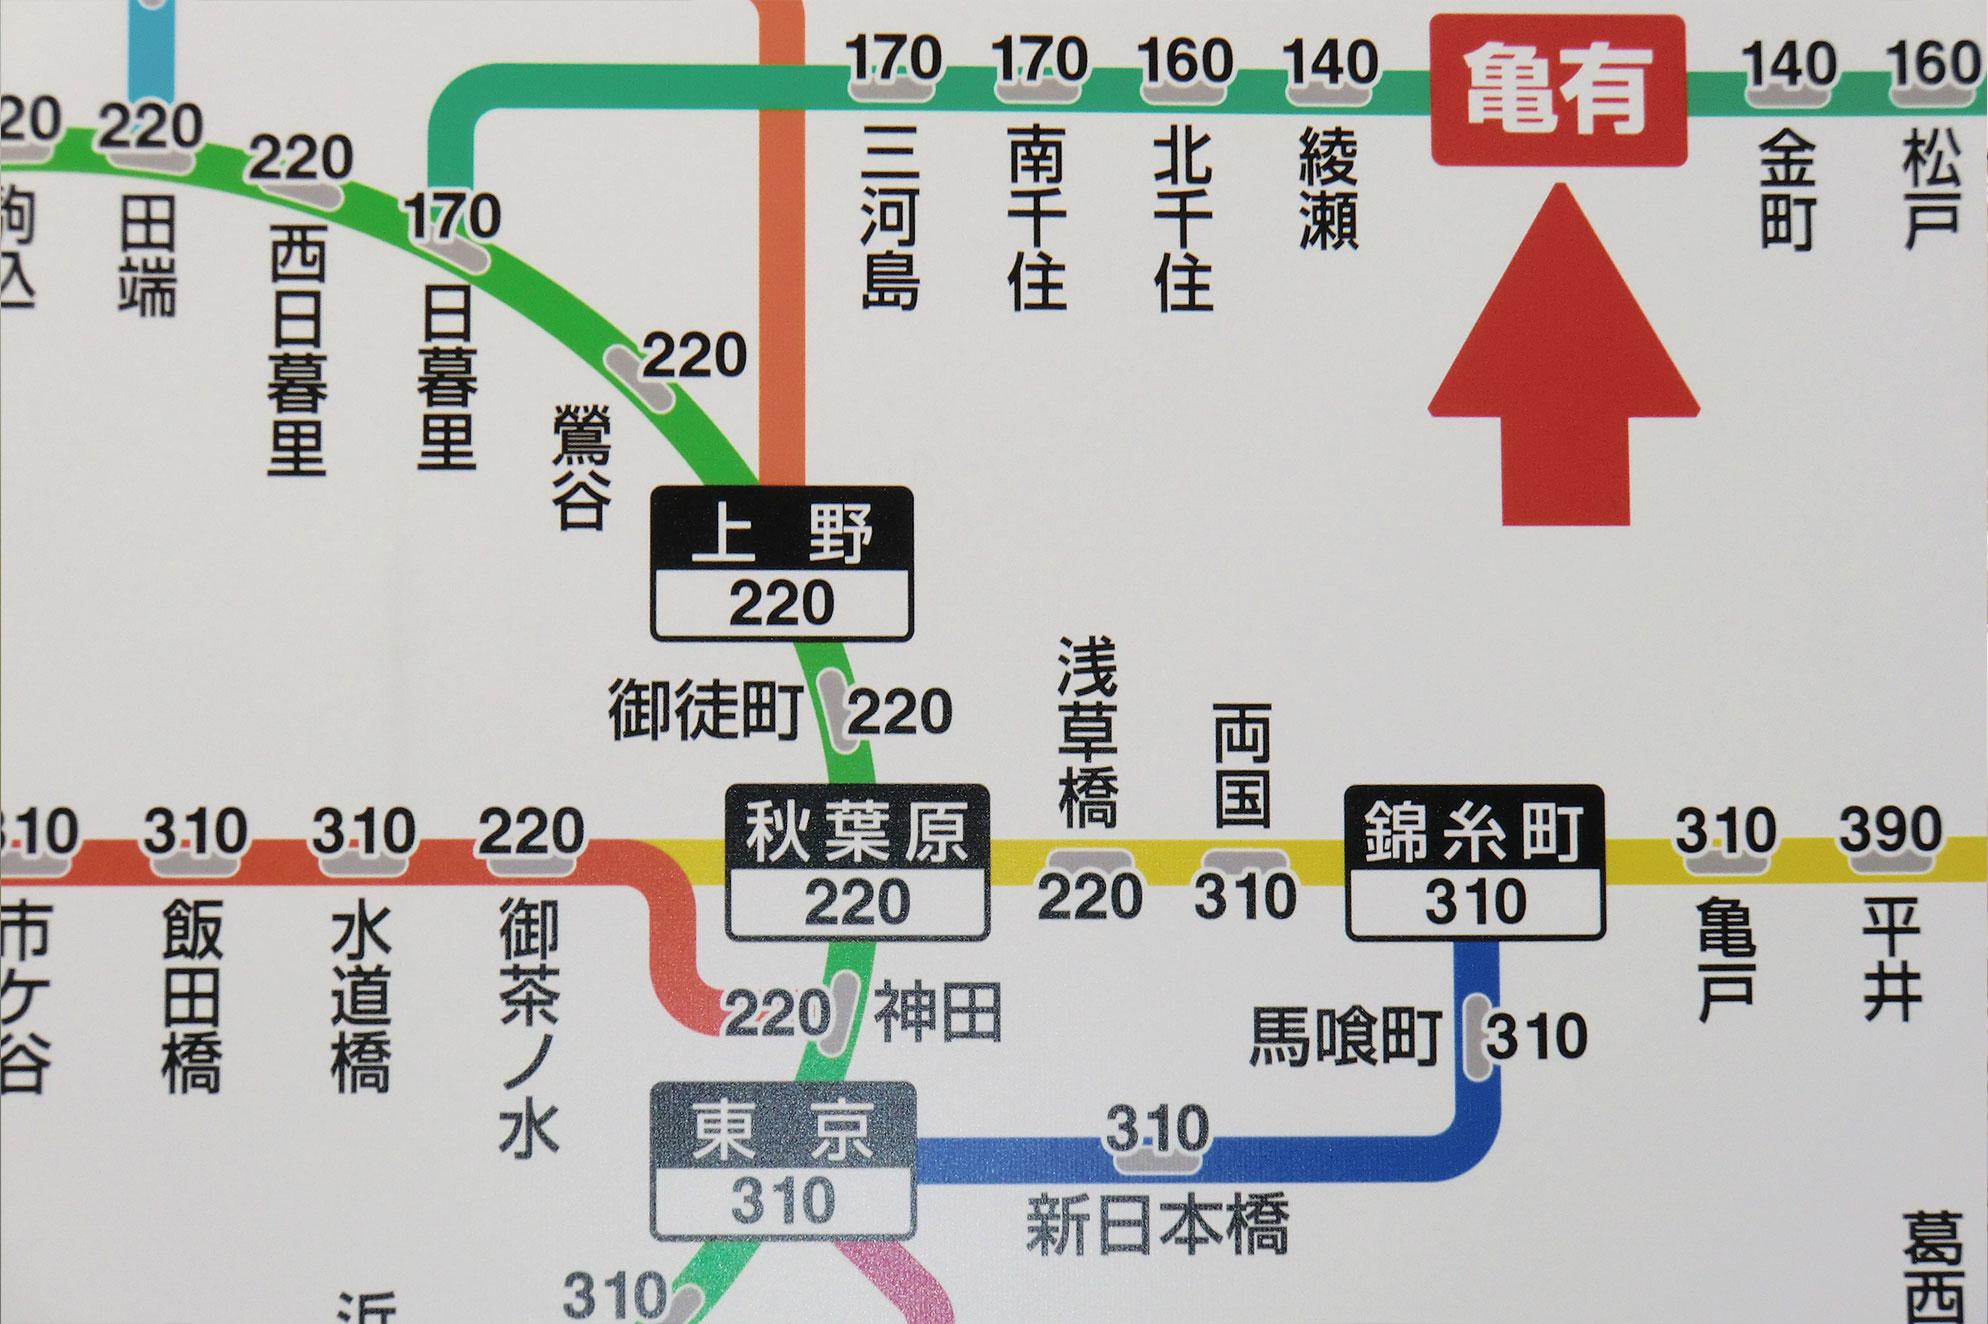 亀有駅は北千住駅経由だけ表示